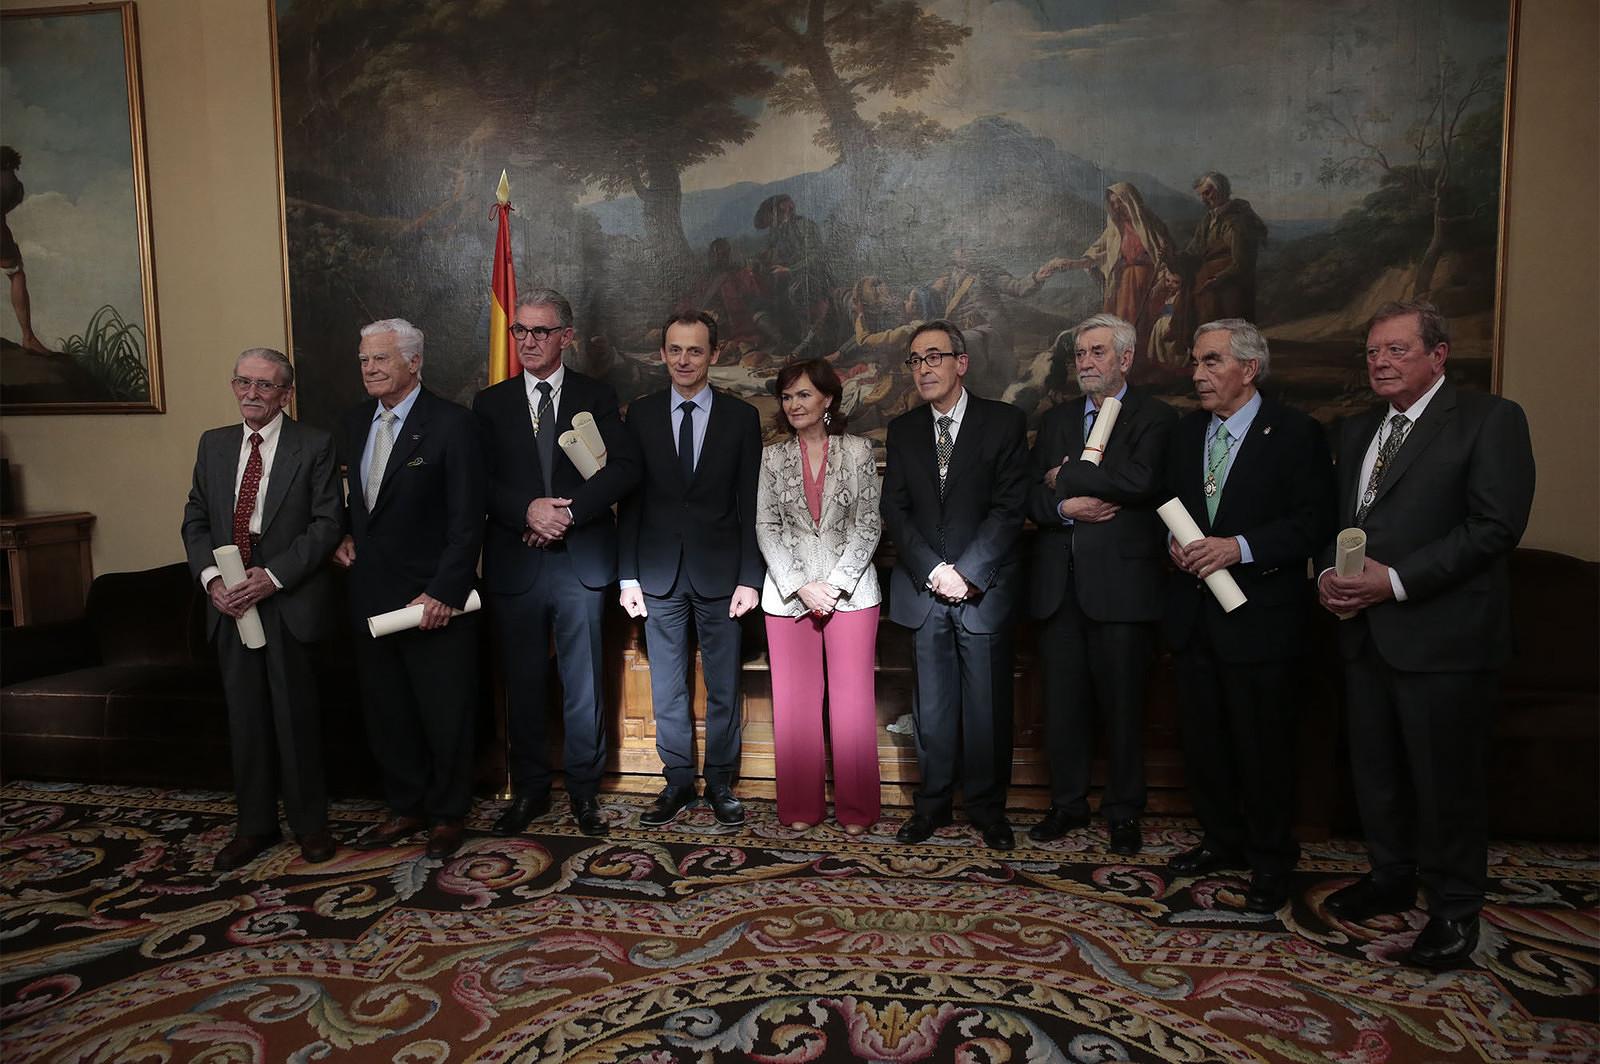 Pedro Duque y Carmen Calvo participan en el homenaje a siete académicos represaliados durante la Guerra Civil y la dictadura